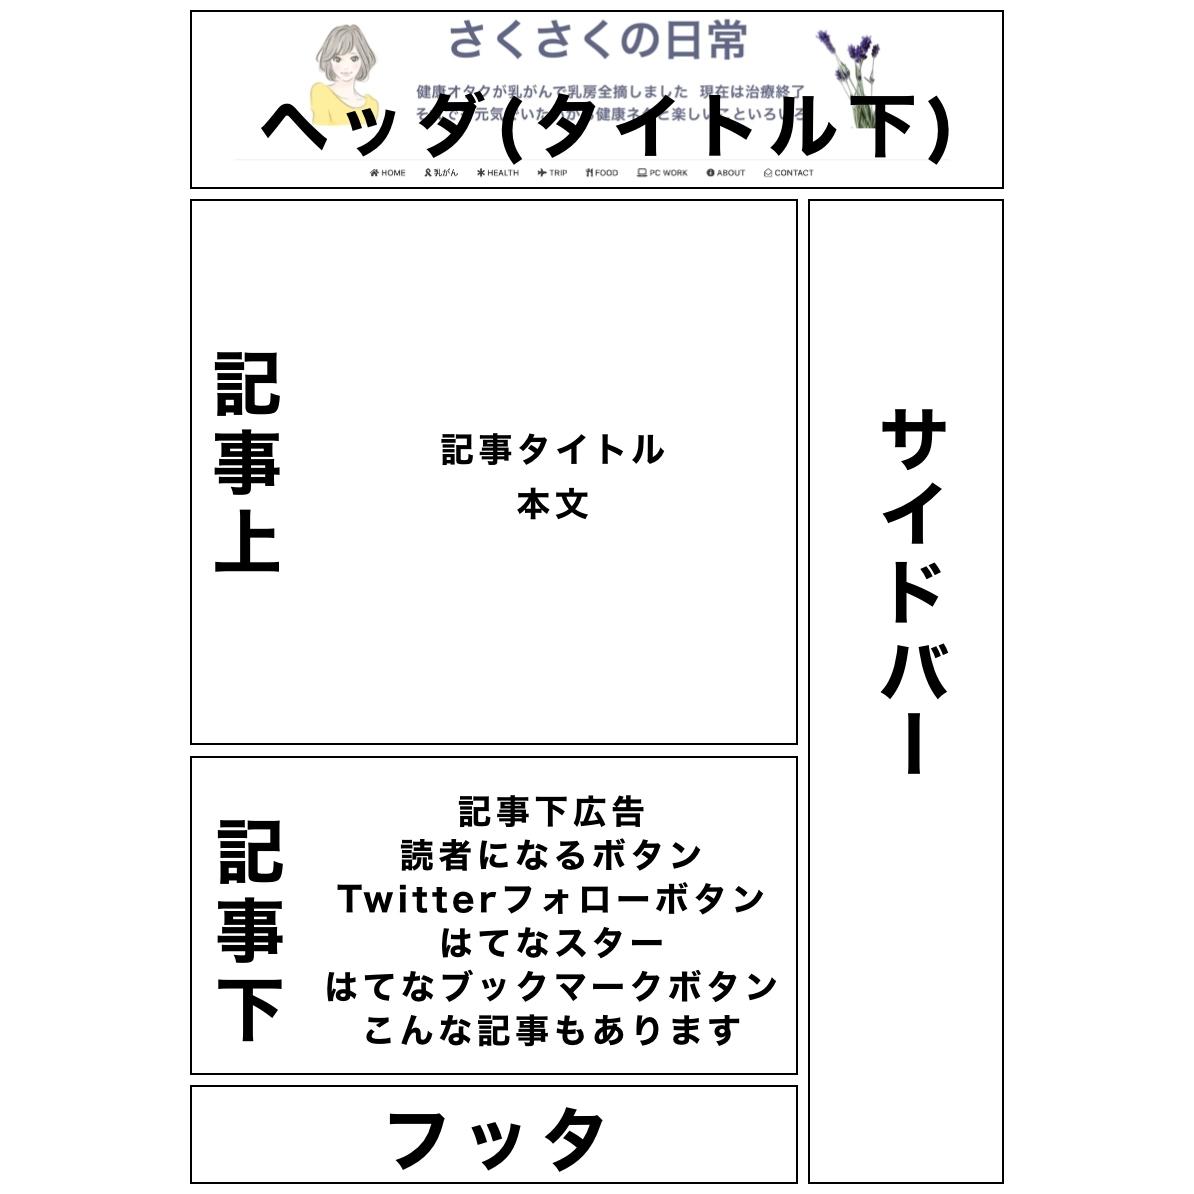 f:id:sakusaku-happy:20200219171025j:plain